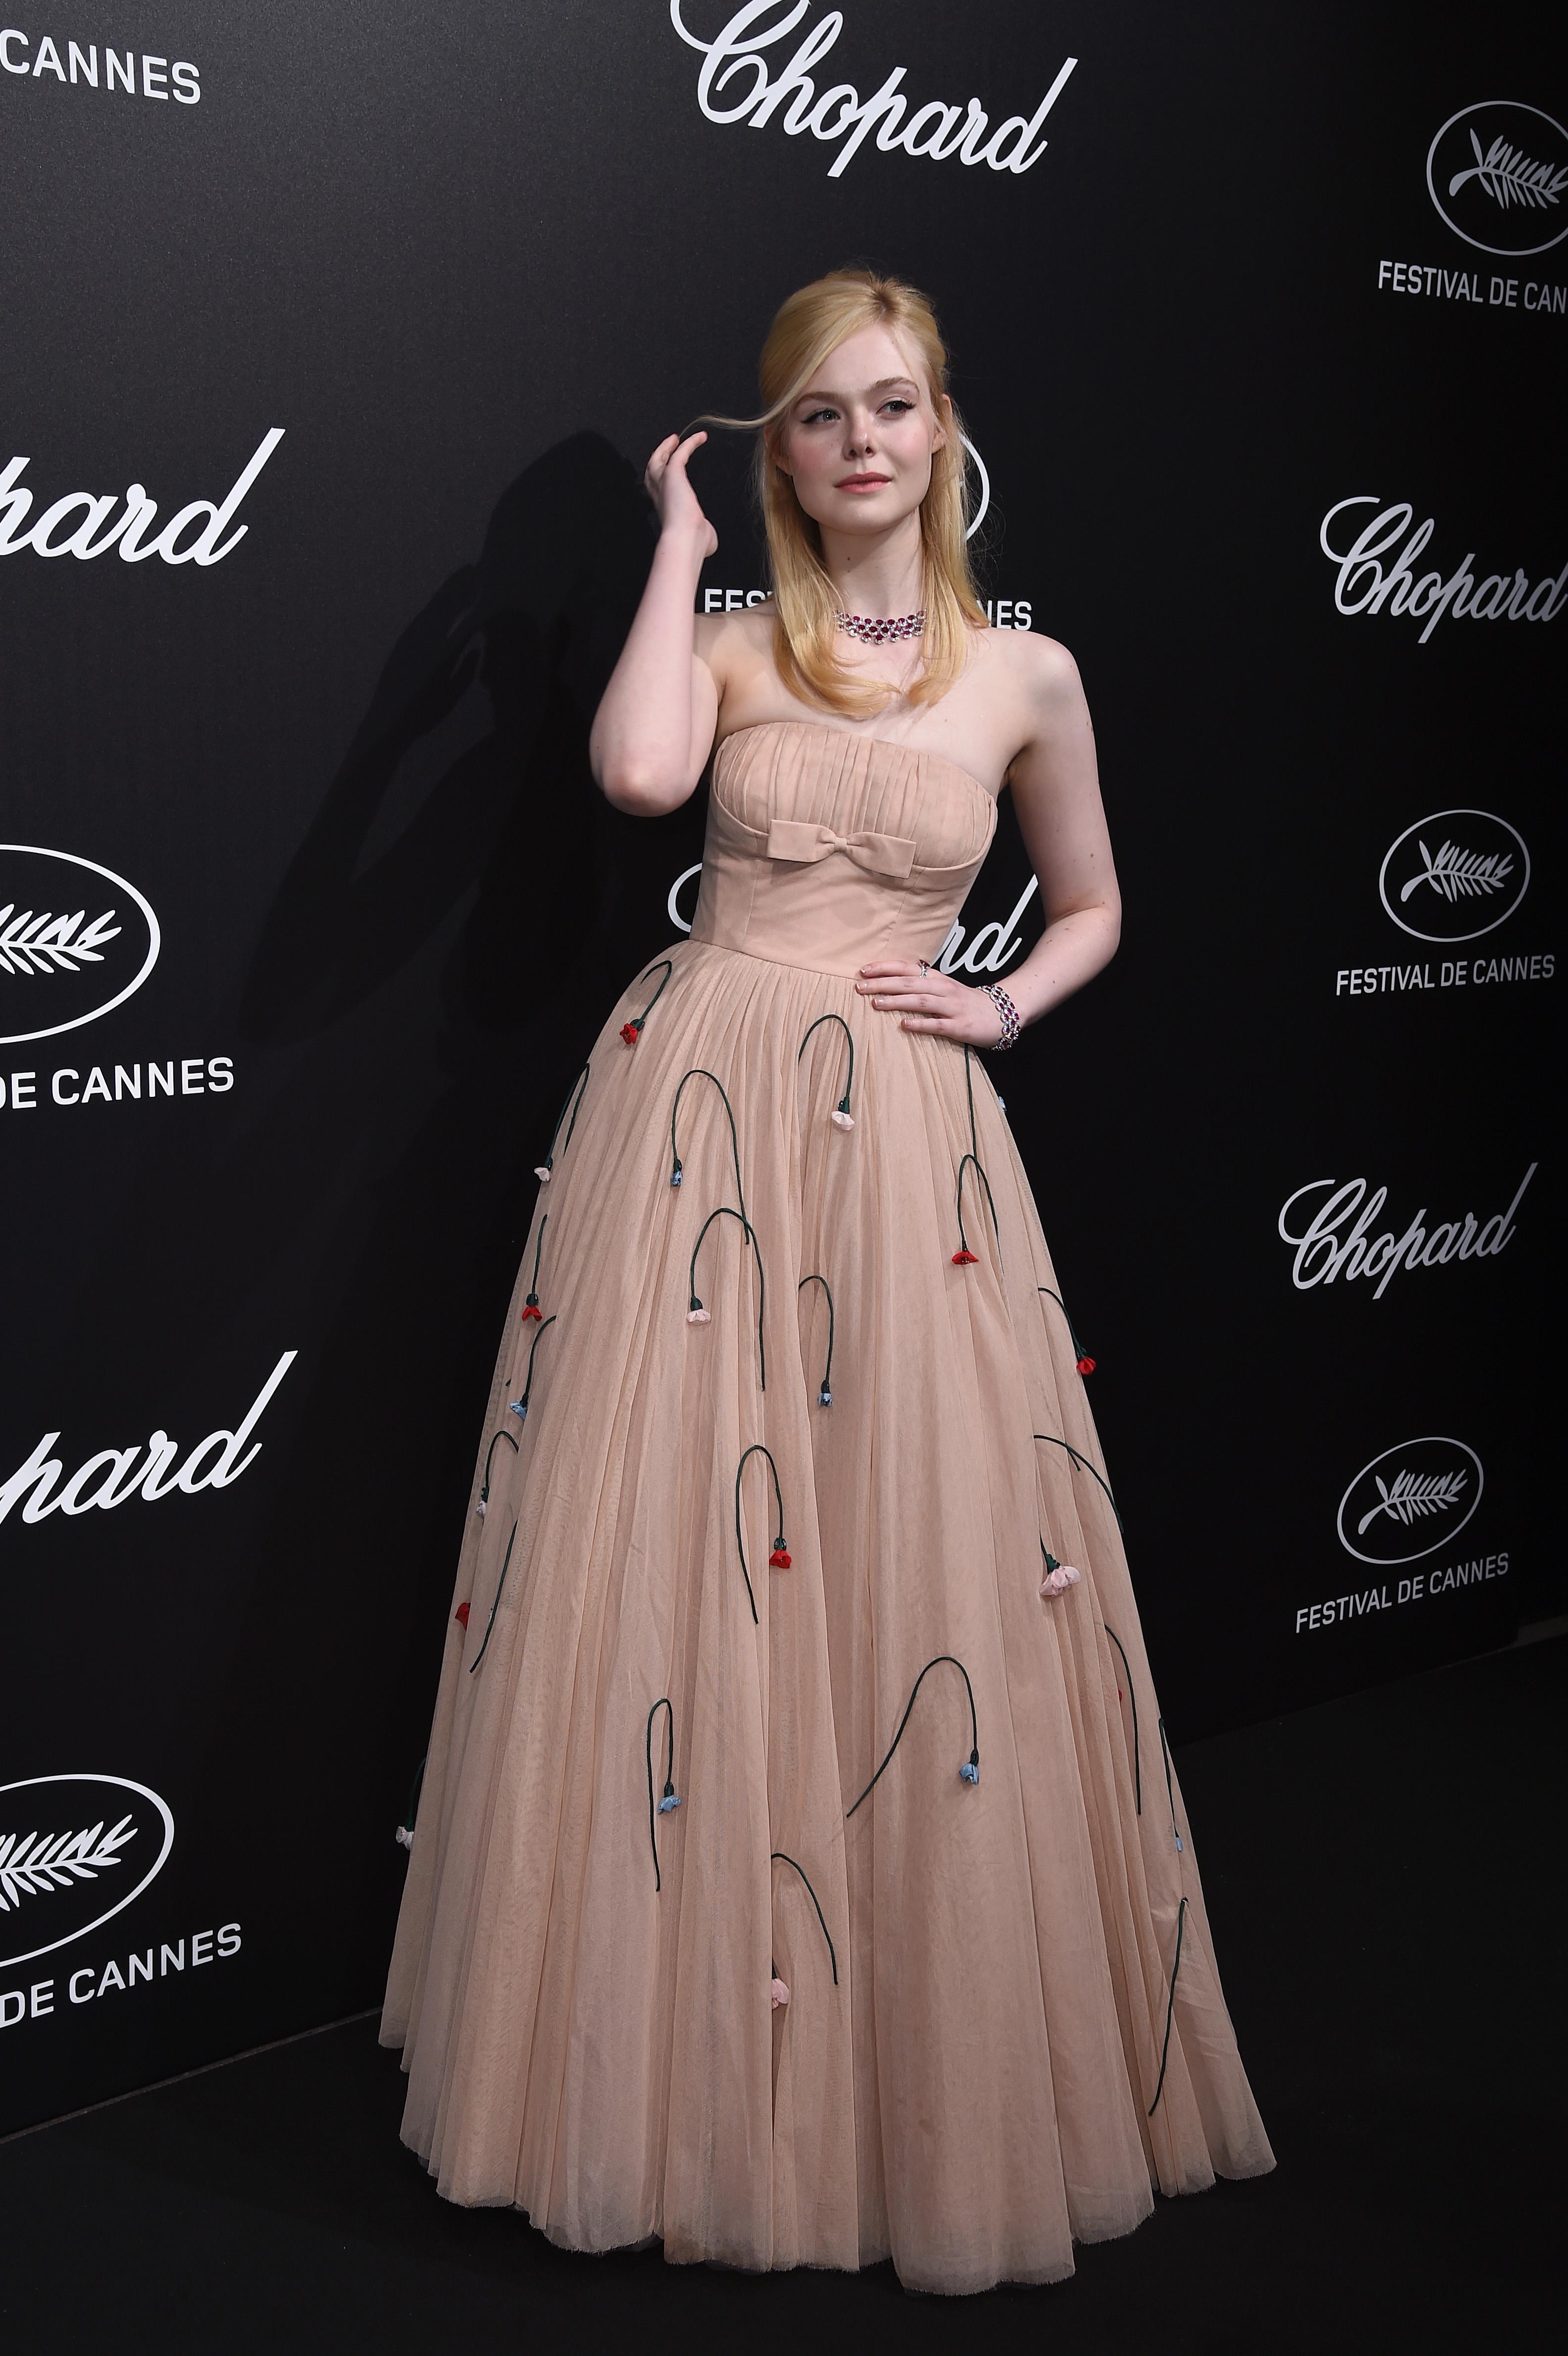 <p>Ел Фанинг - 21-годишната актриса колабира на вечеря за приза &quot;Шопар&quot; в Кан тази година. Причината - роклята й била прекалено тясна.&nbsp;Фанинг постна послание, придружено от снимка, в Инстаграм, уверявайки, че се чувства добре въпреки онова, което е нарекла припадък заради прилепналата към тялото й рокля &quot;Прада&quot;.</p>